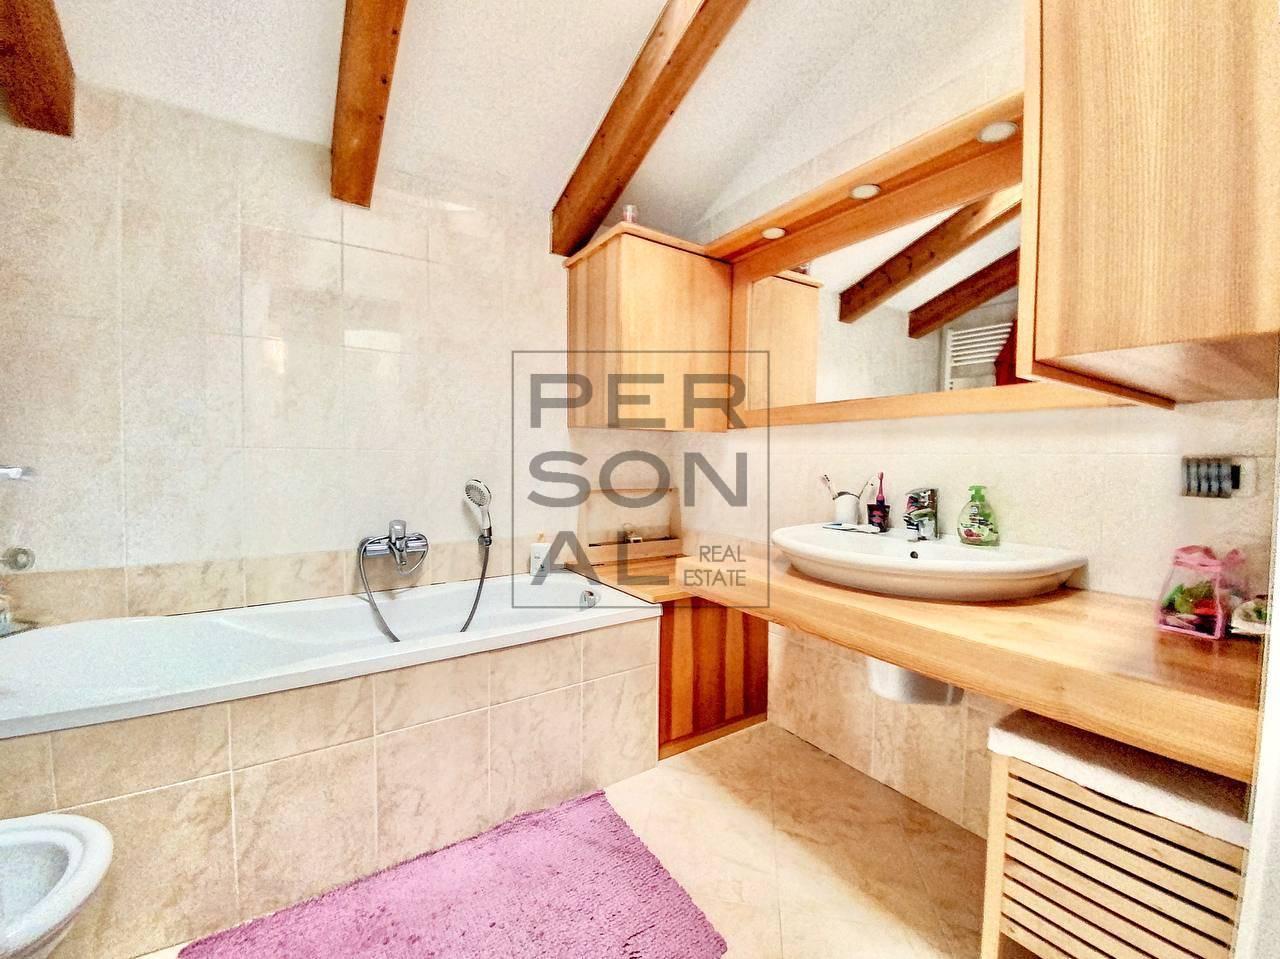 Foto appartamento in vendita a Roncegno Terme (Trento)